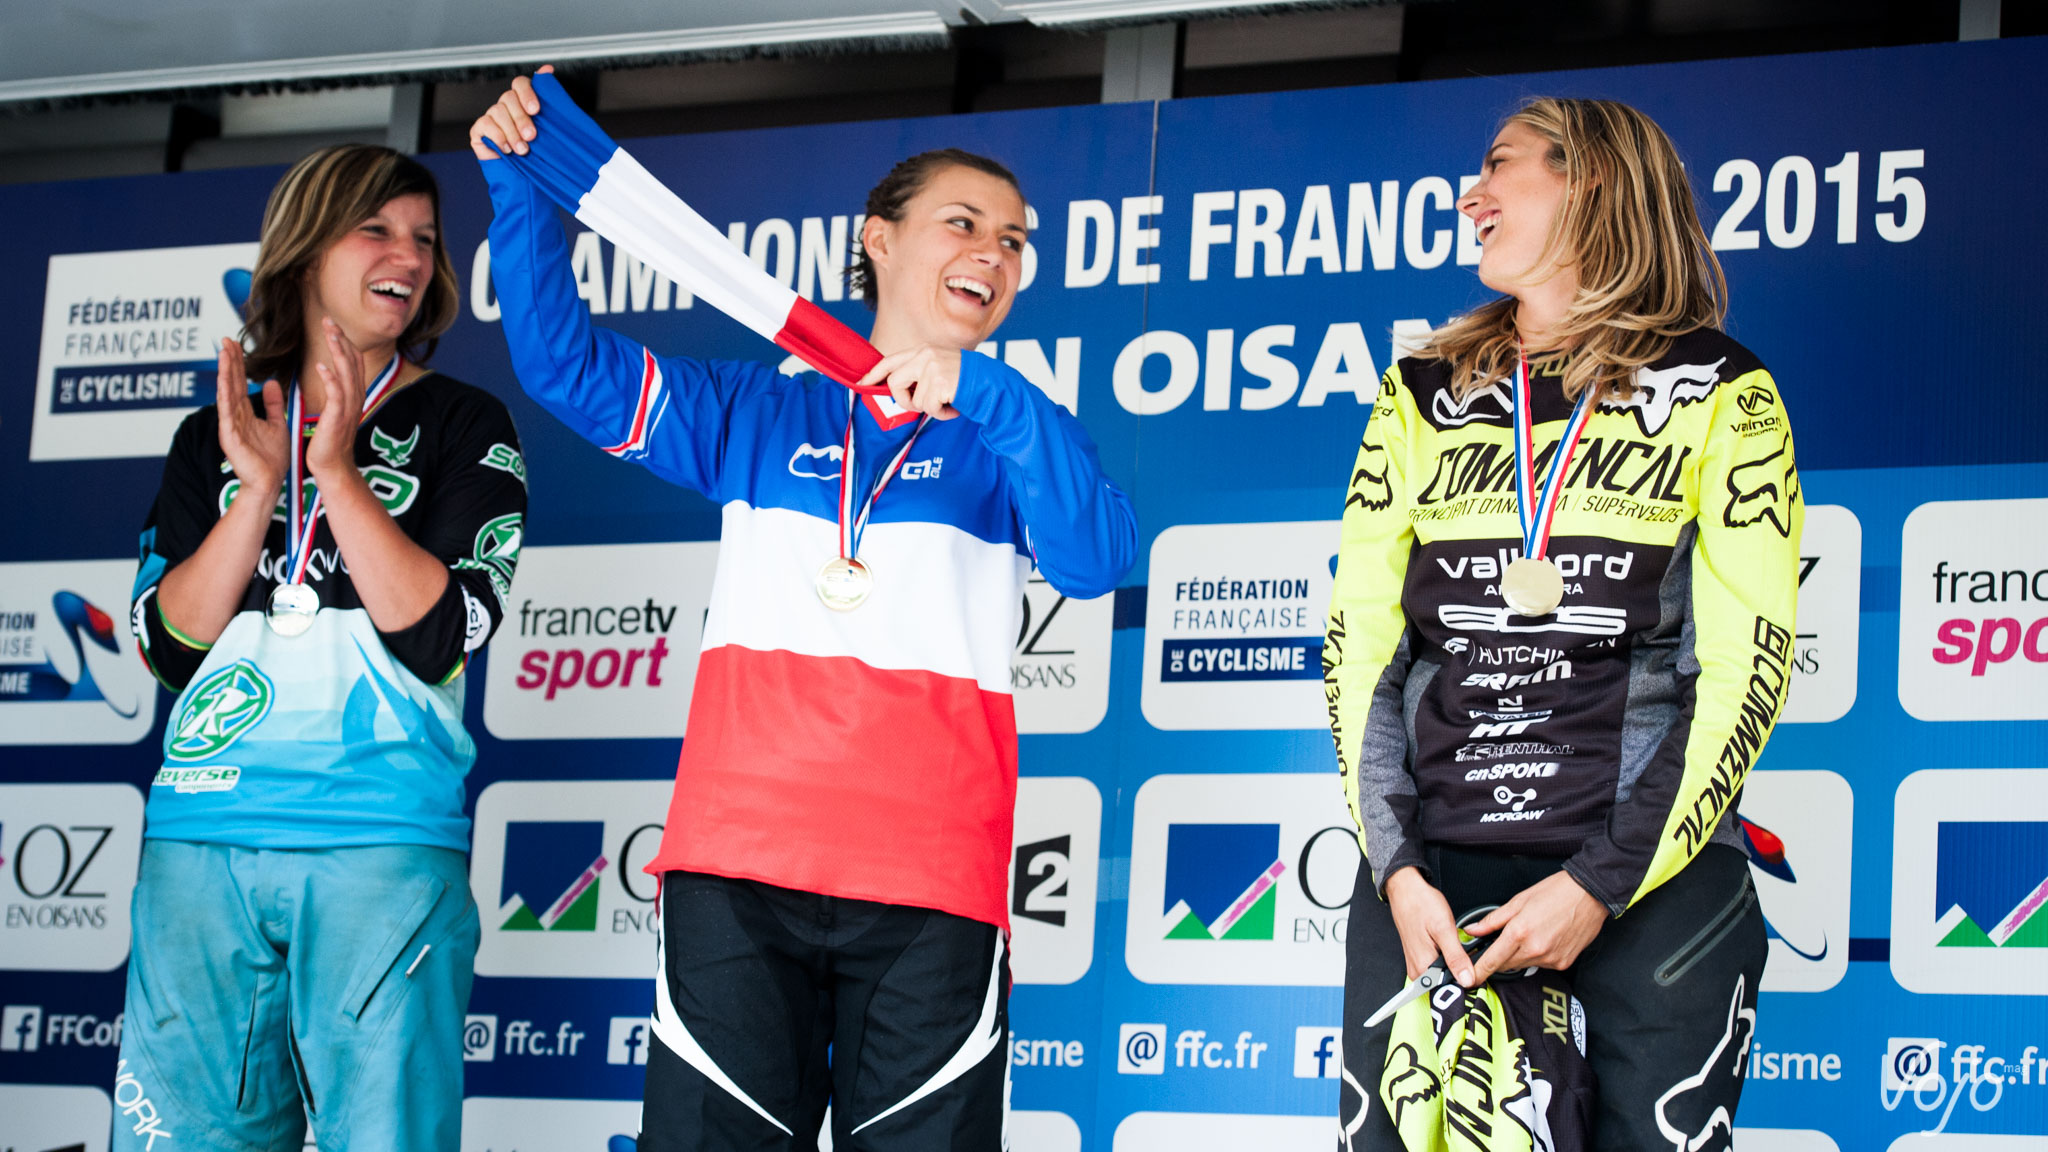 Championnats-de-france-2015-Oz-DH-finale-98